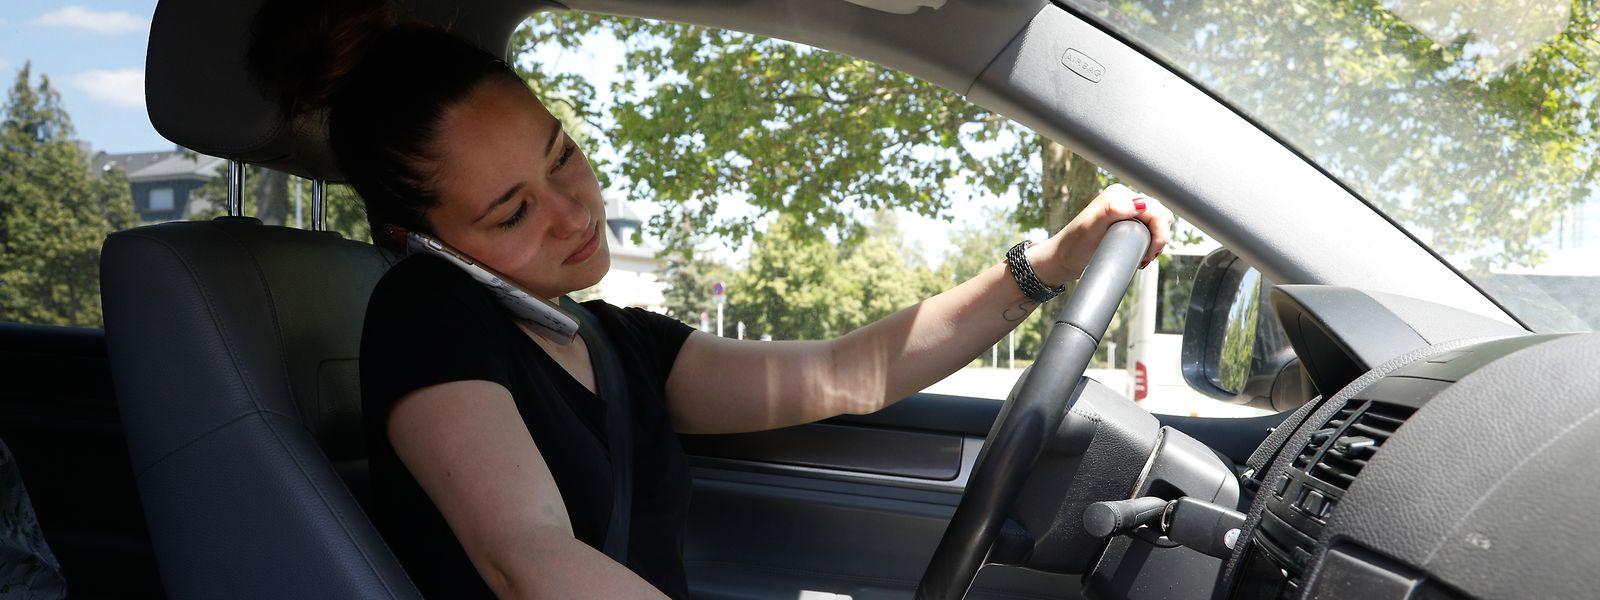 Unaufmerksamkeit gilt als zweithäufigste Ursache für schwere Unfälle.